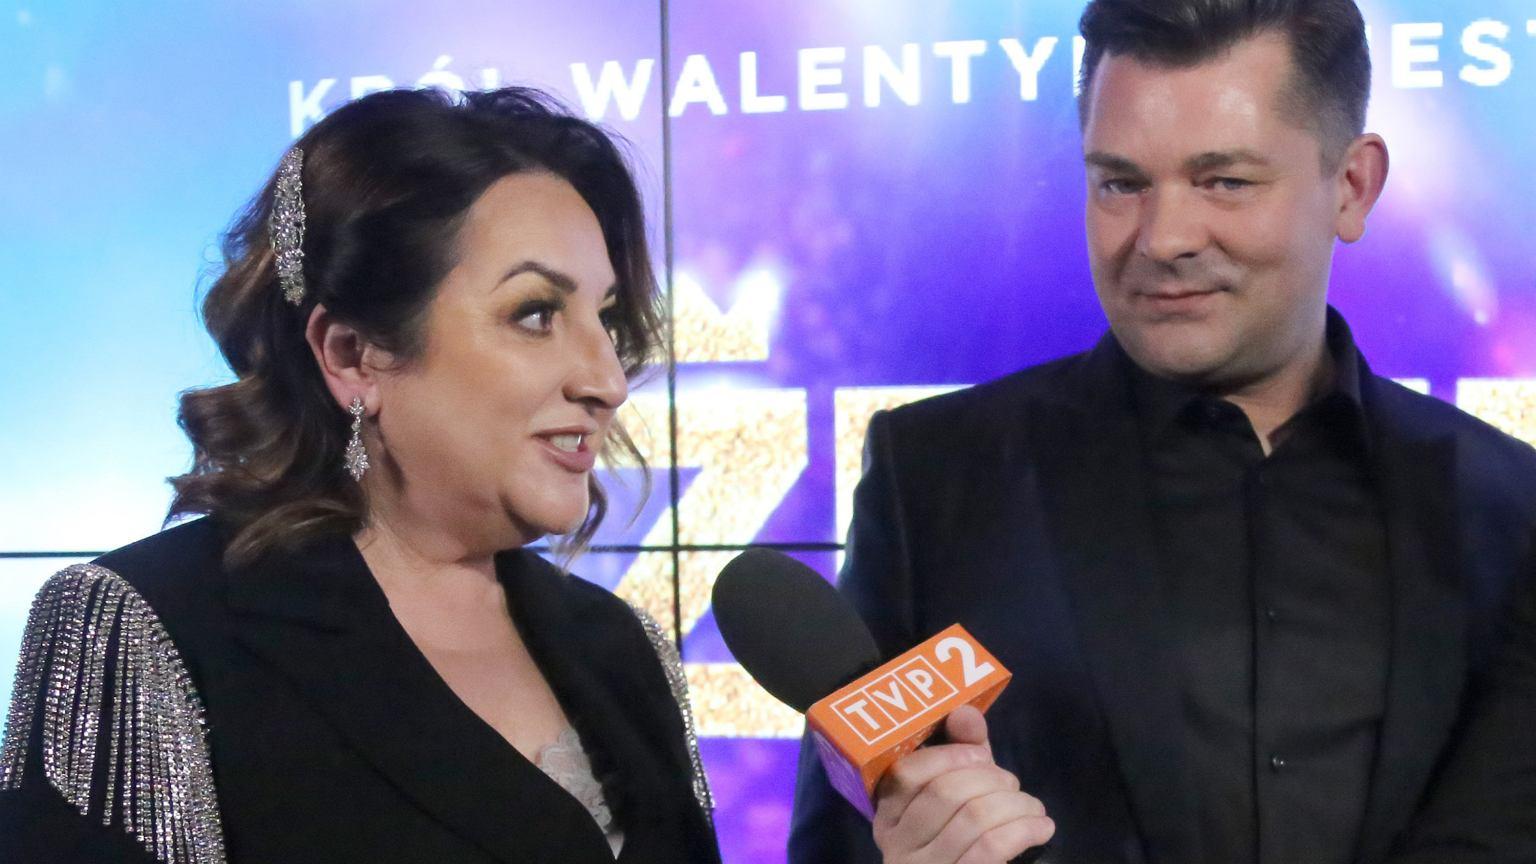 Danuta Martyniuk towarzyszy Zenkowi podczas promocji filmu. My patrzymy na jej drapieżną stylizację